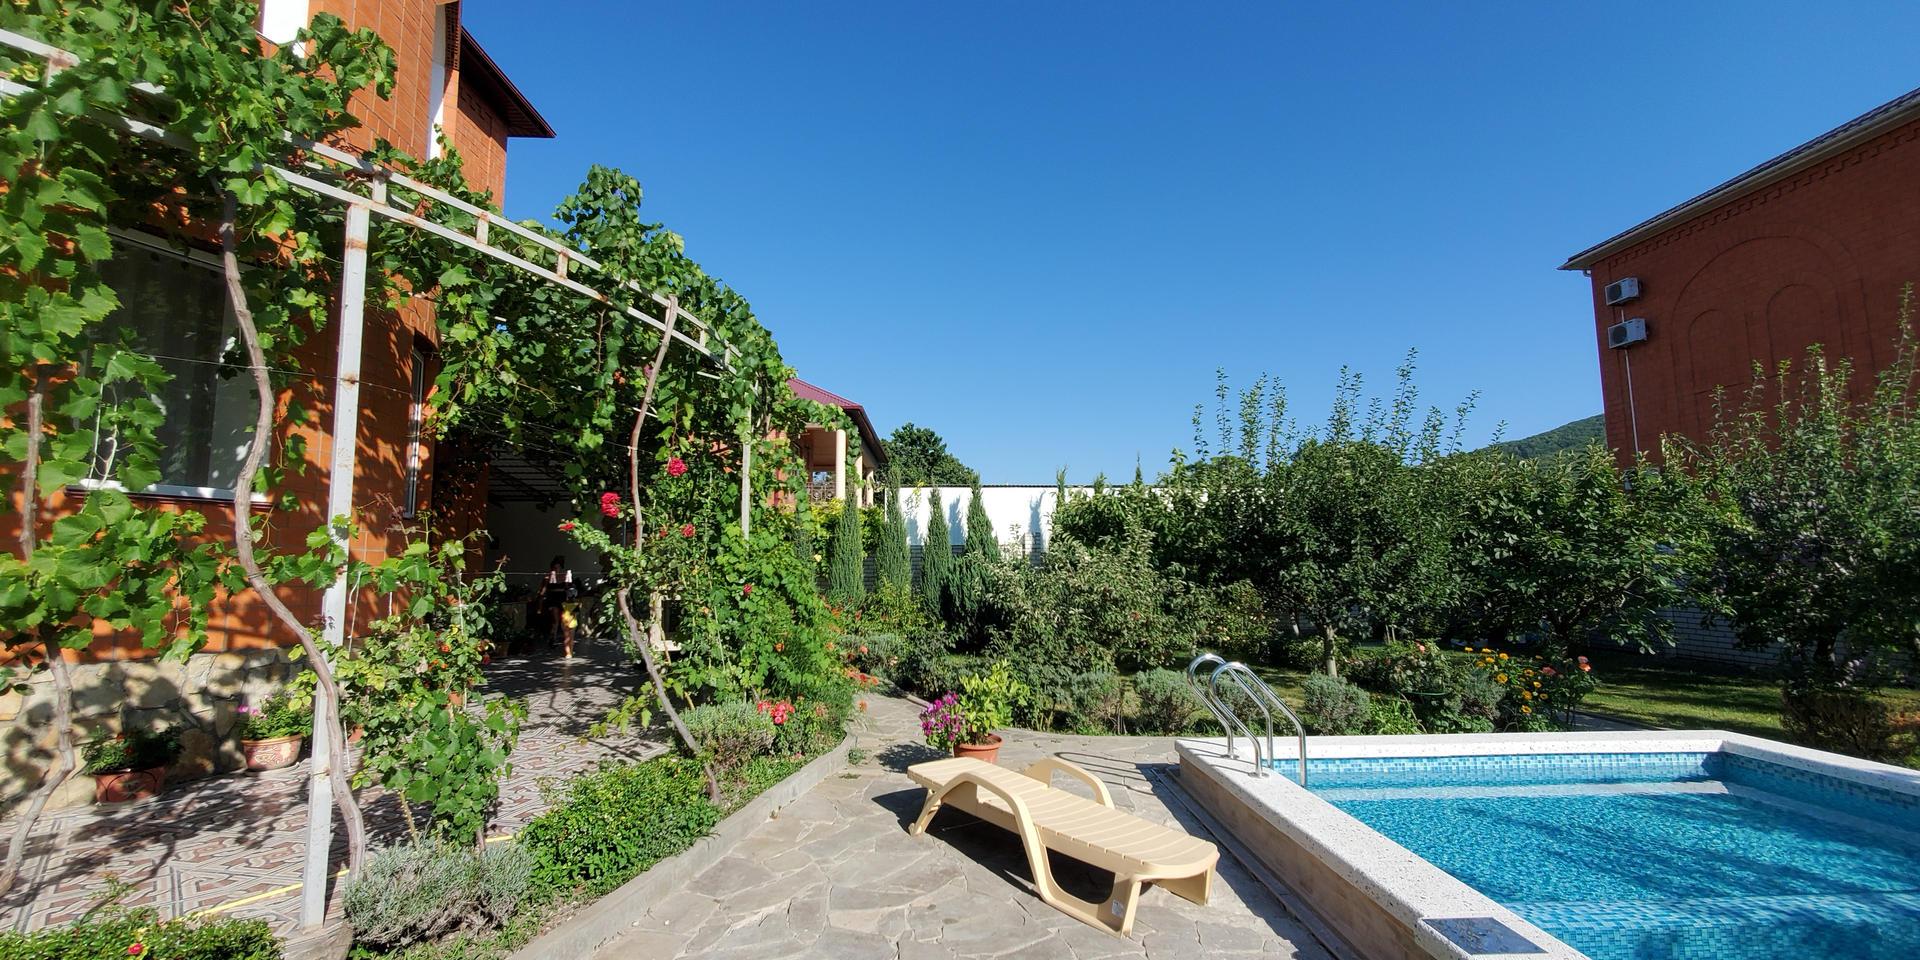 garden & pool - 20200731_164946.jpg